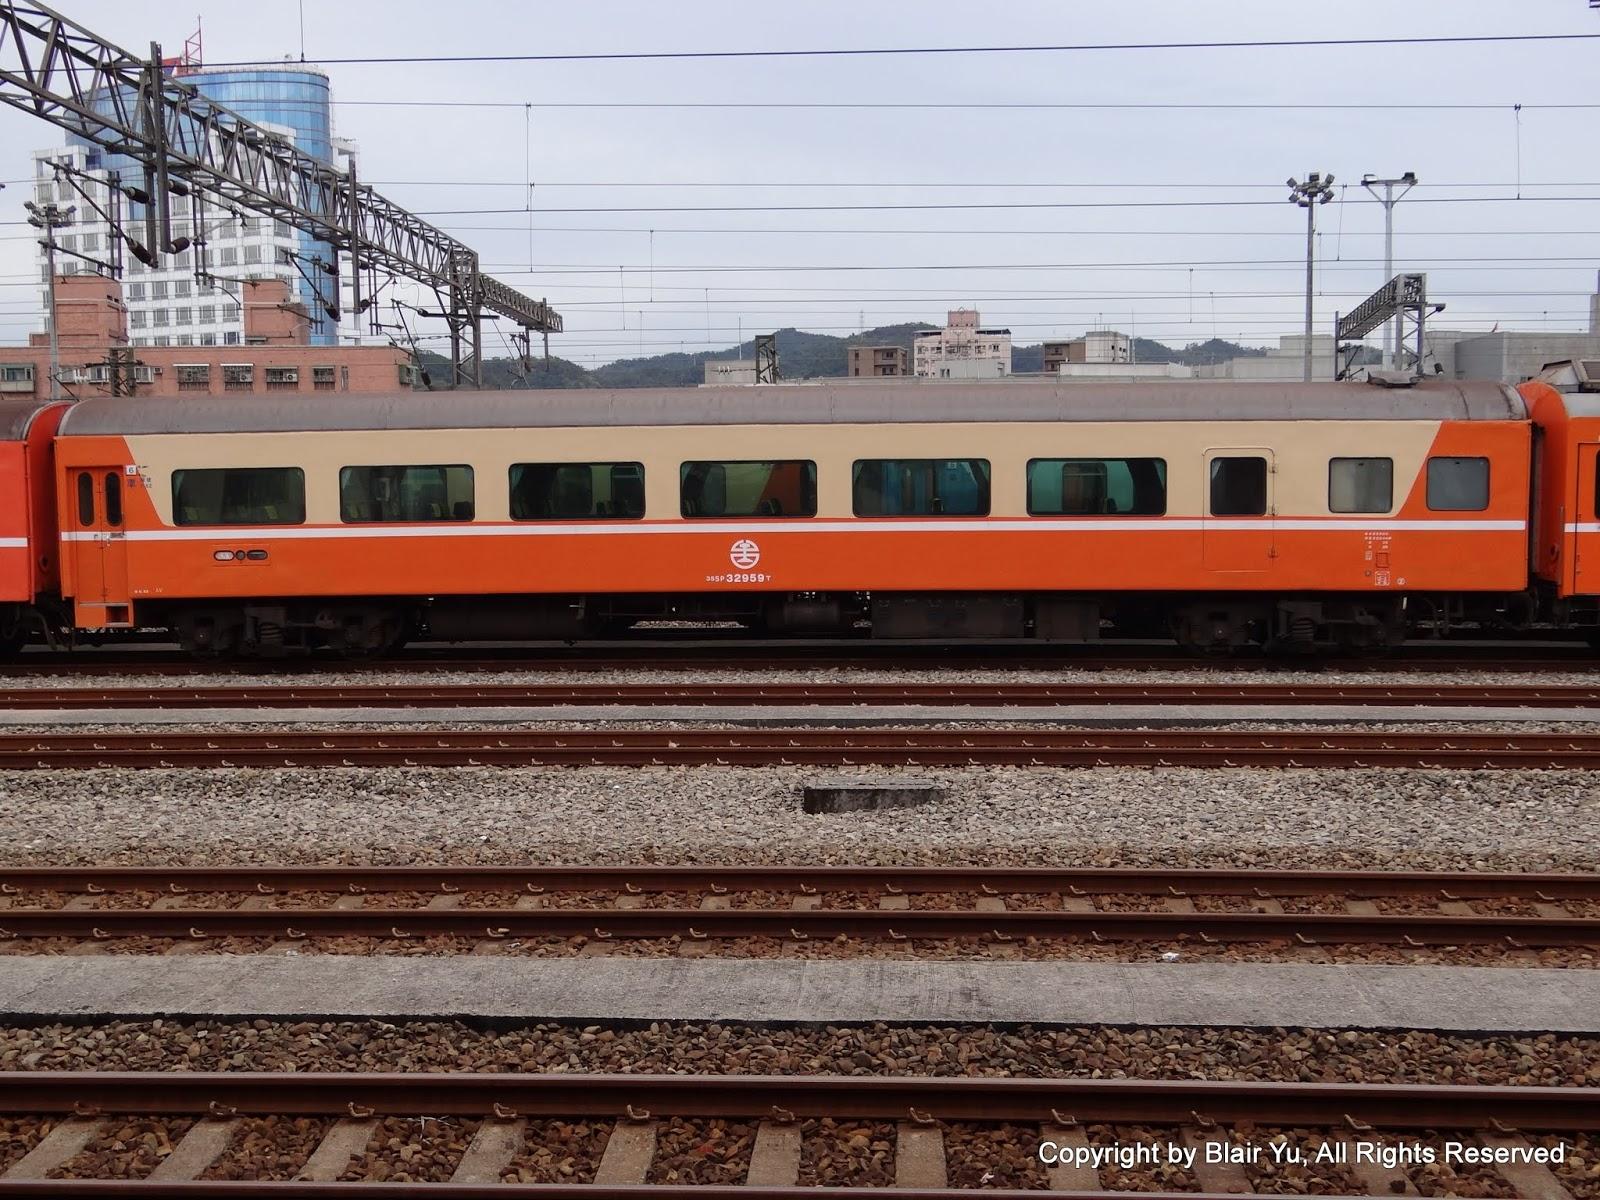 Blair's 鐵道攝影: 35SP32950型莒光號客車車廂